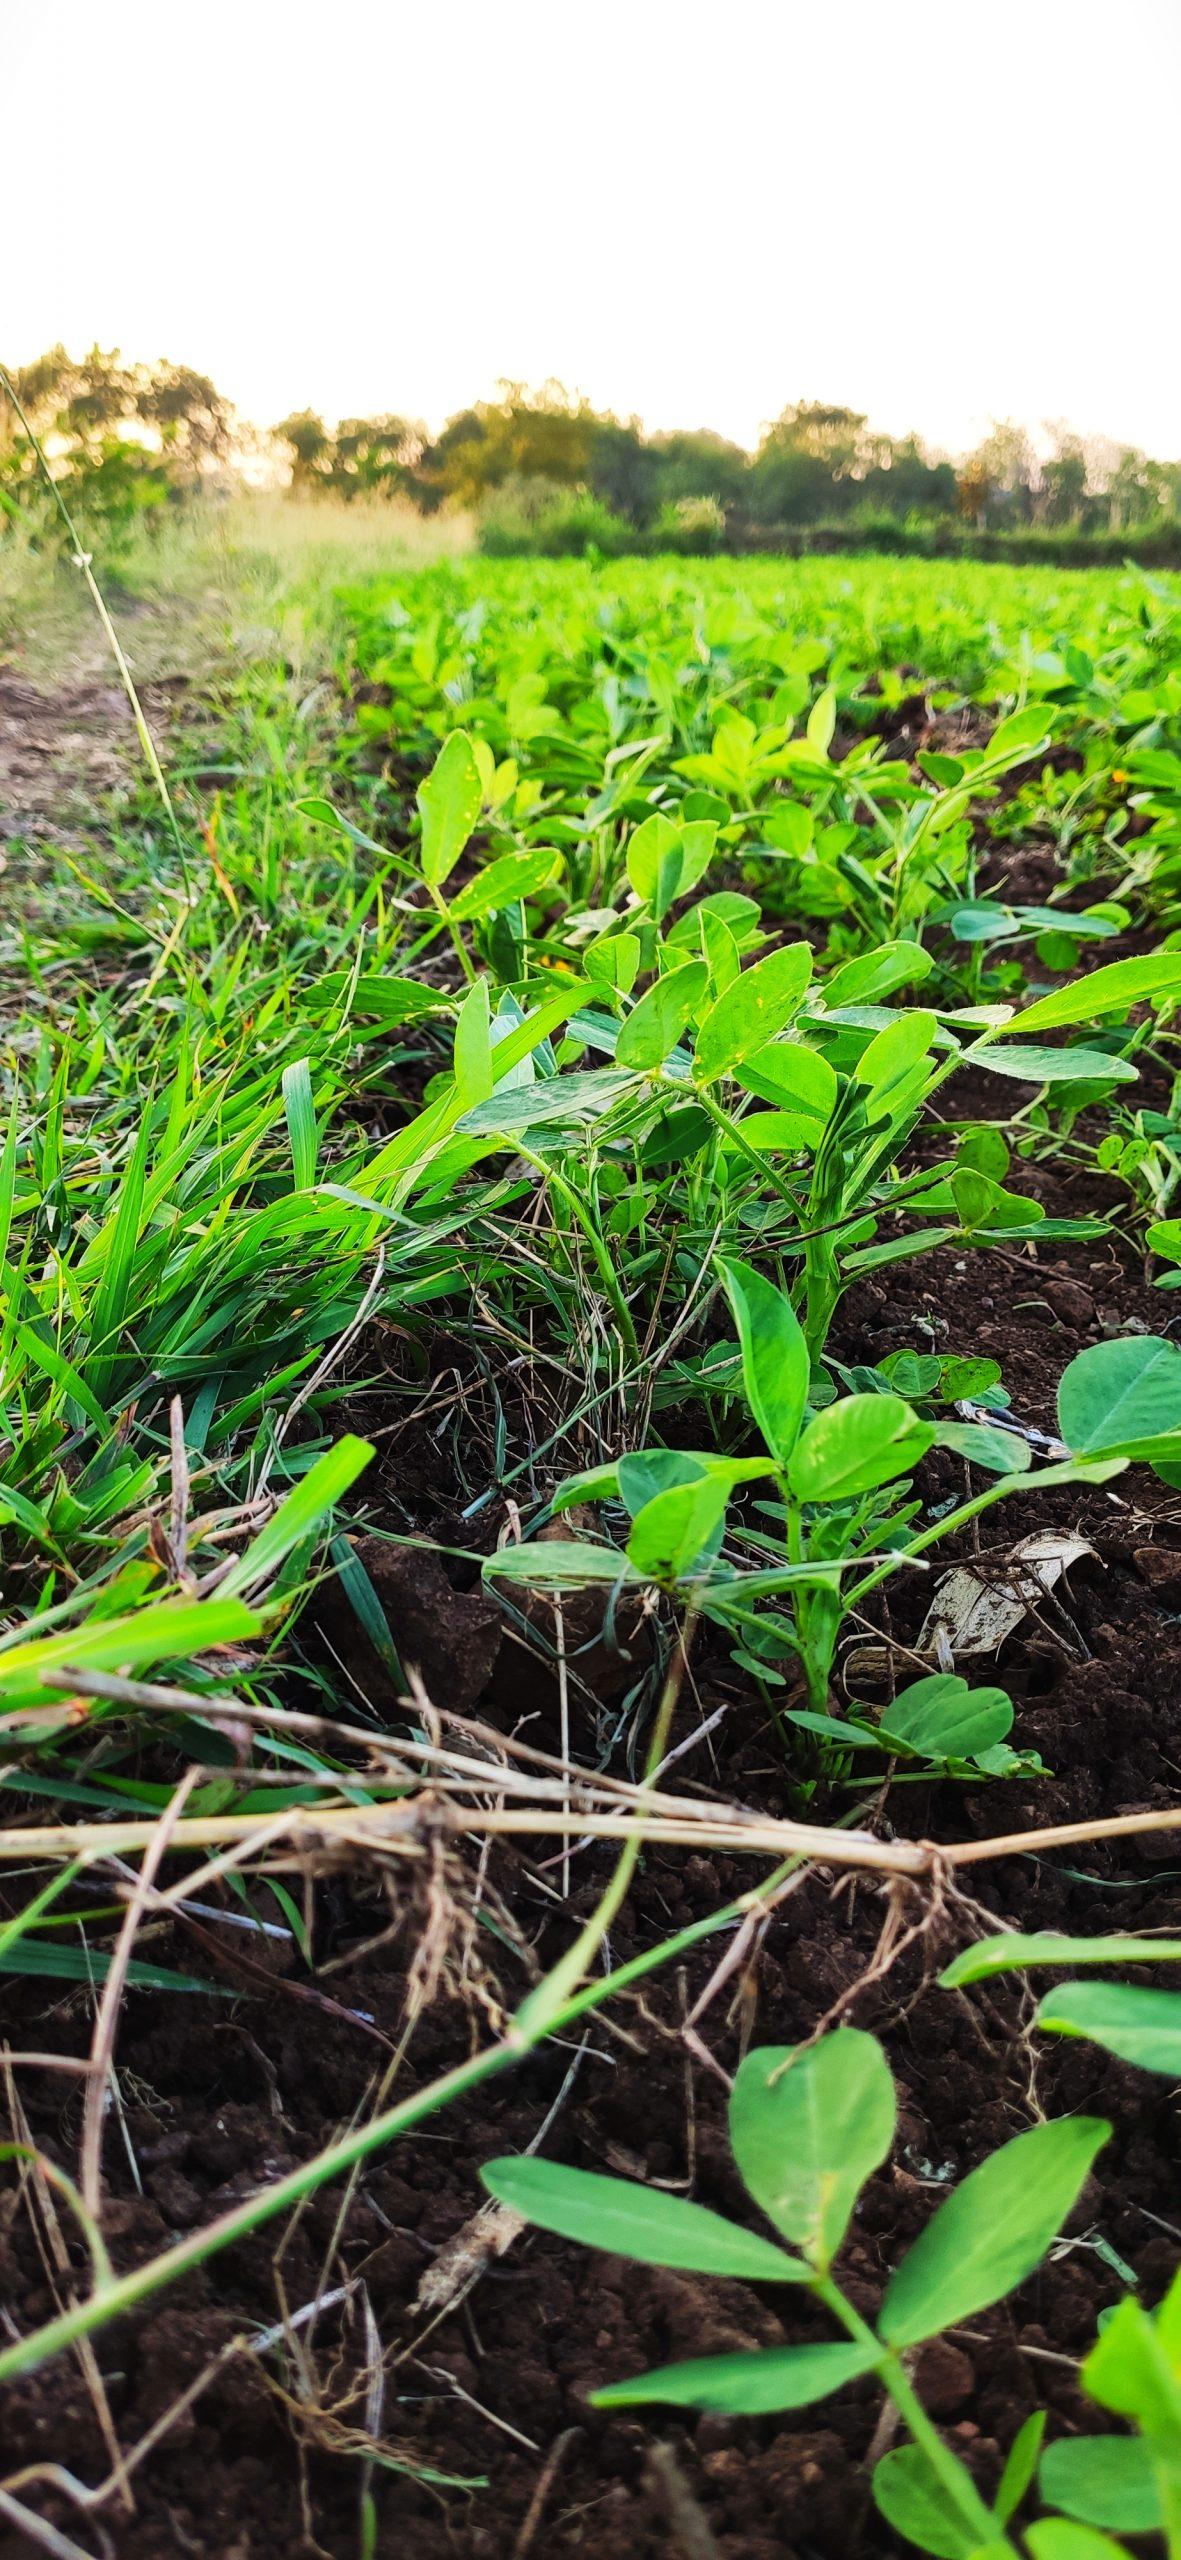 Peanut plants in a field